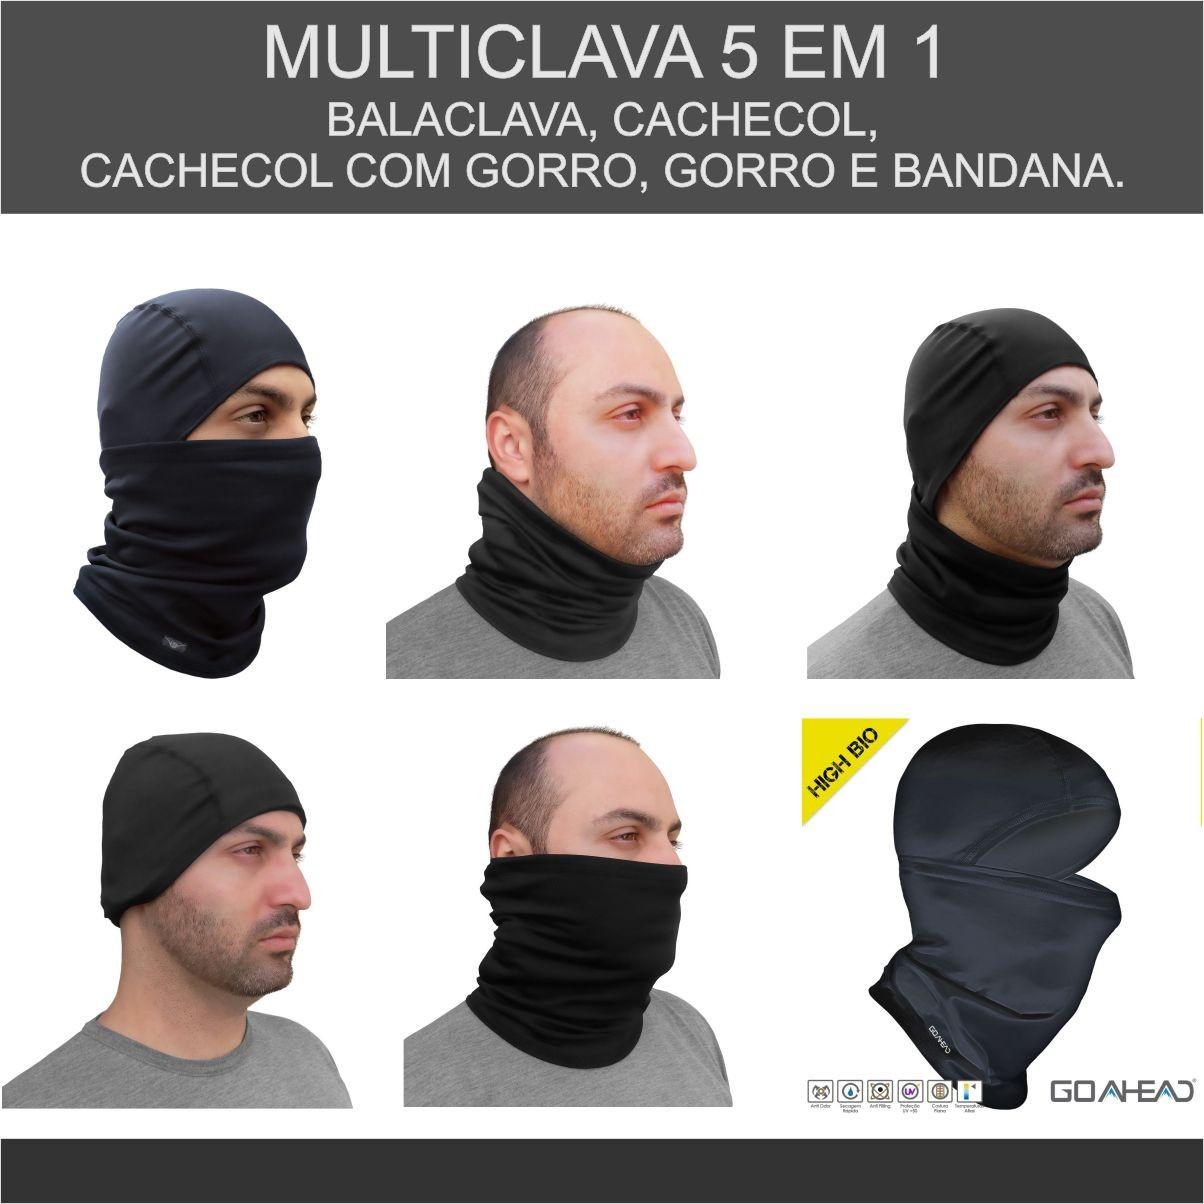 MULTICLAVA GO AHEAD BRANCA TAMANHO ÚNICO HIGH BIO ( CALOR - VERÃO )